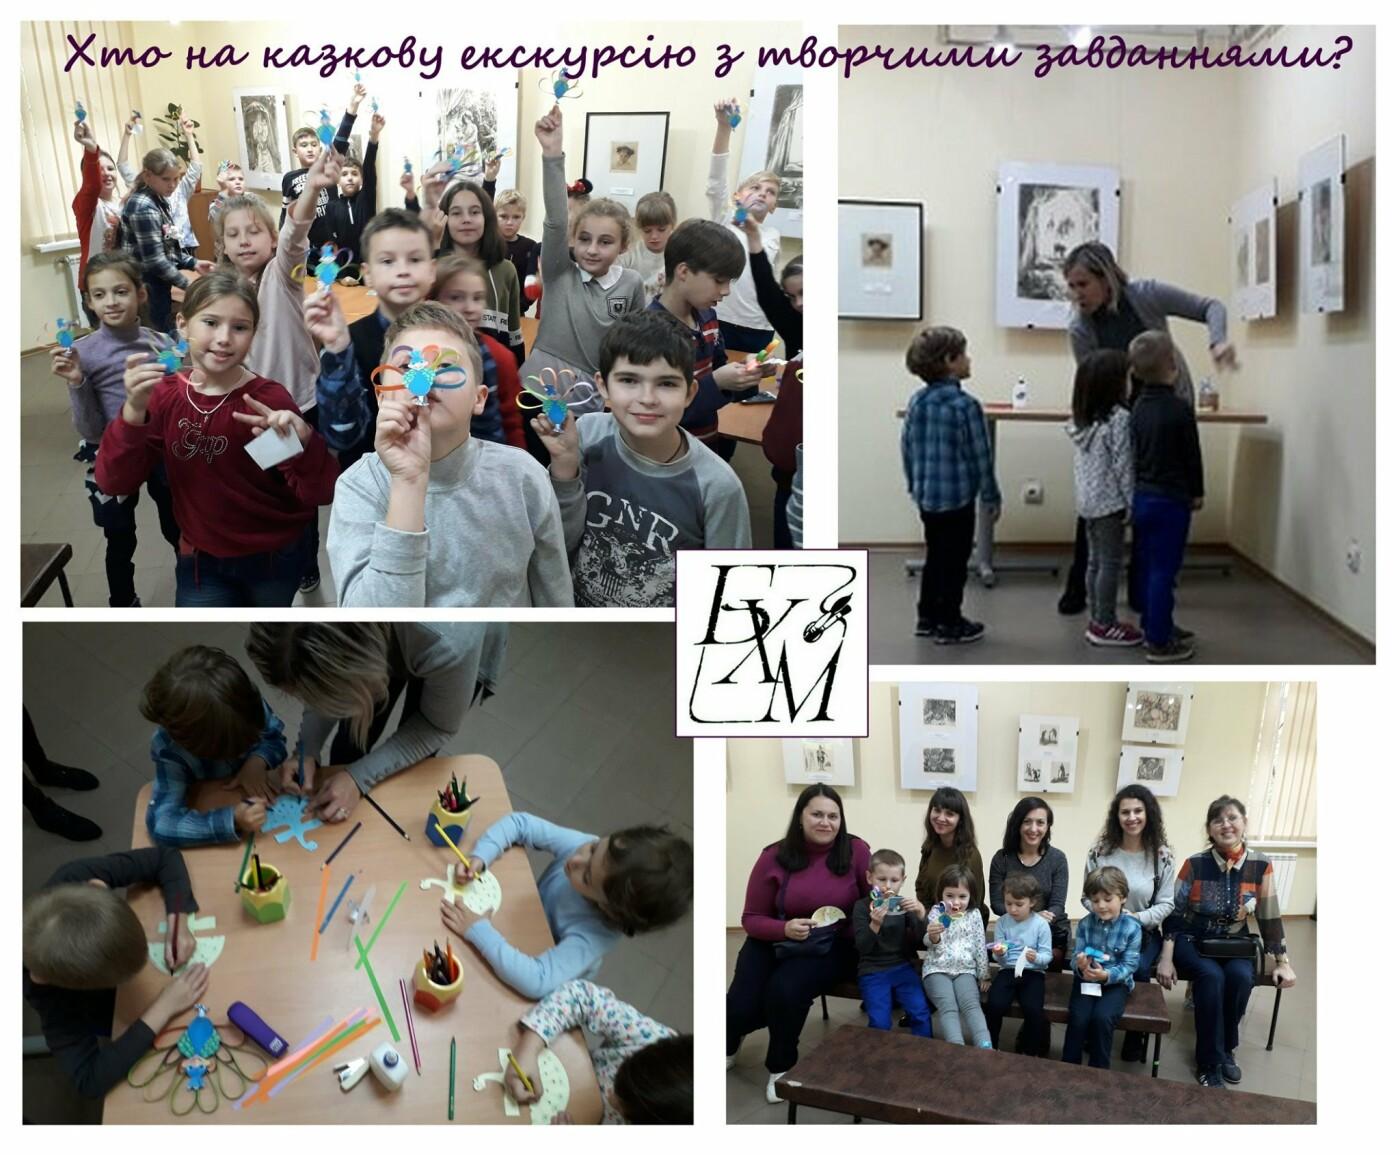 Бердянський художній музей ім. І. Бродського святкує Міжнародний день музеїв, фото-7